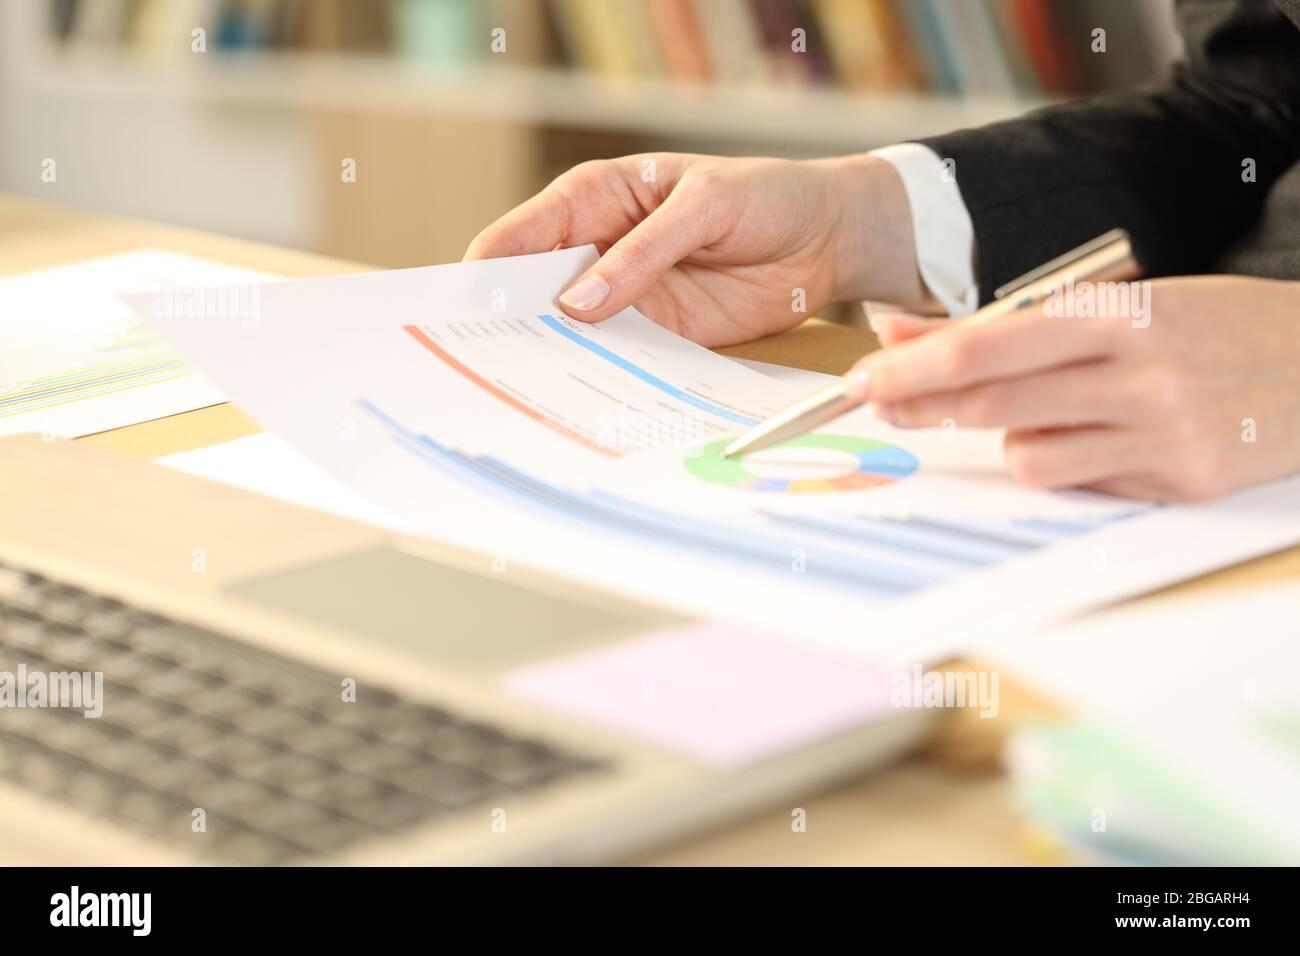 Primer plano de la mujer emprendedora manos ckecking informe de crecimiento gráfico en un escritorio en la oficina doméstica Foto de stock